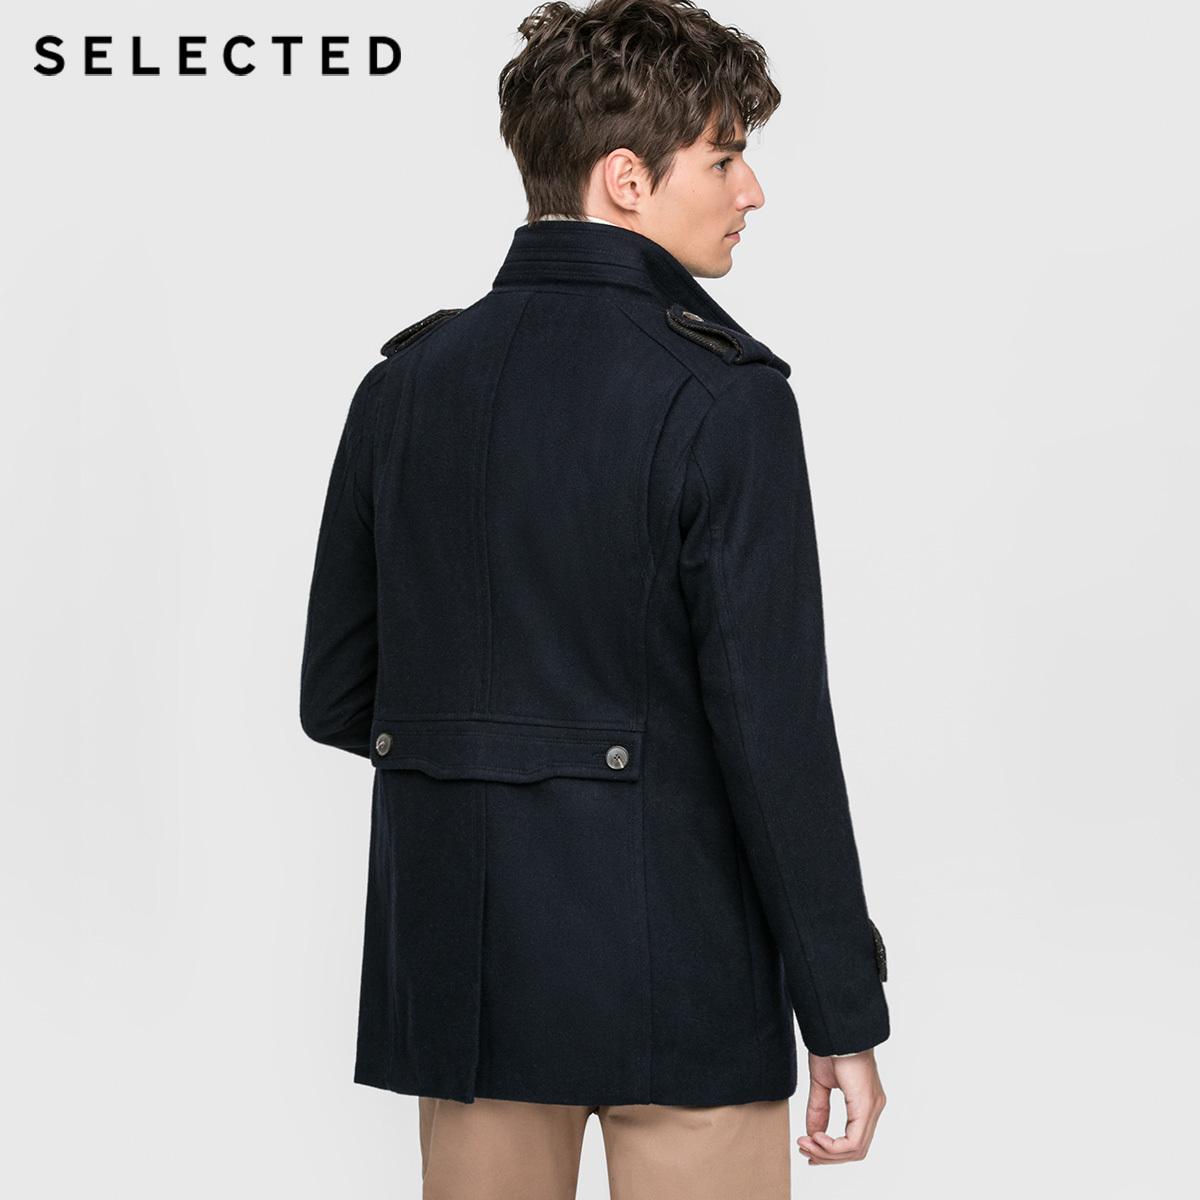 Пальто мужское Selected 415427006